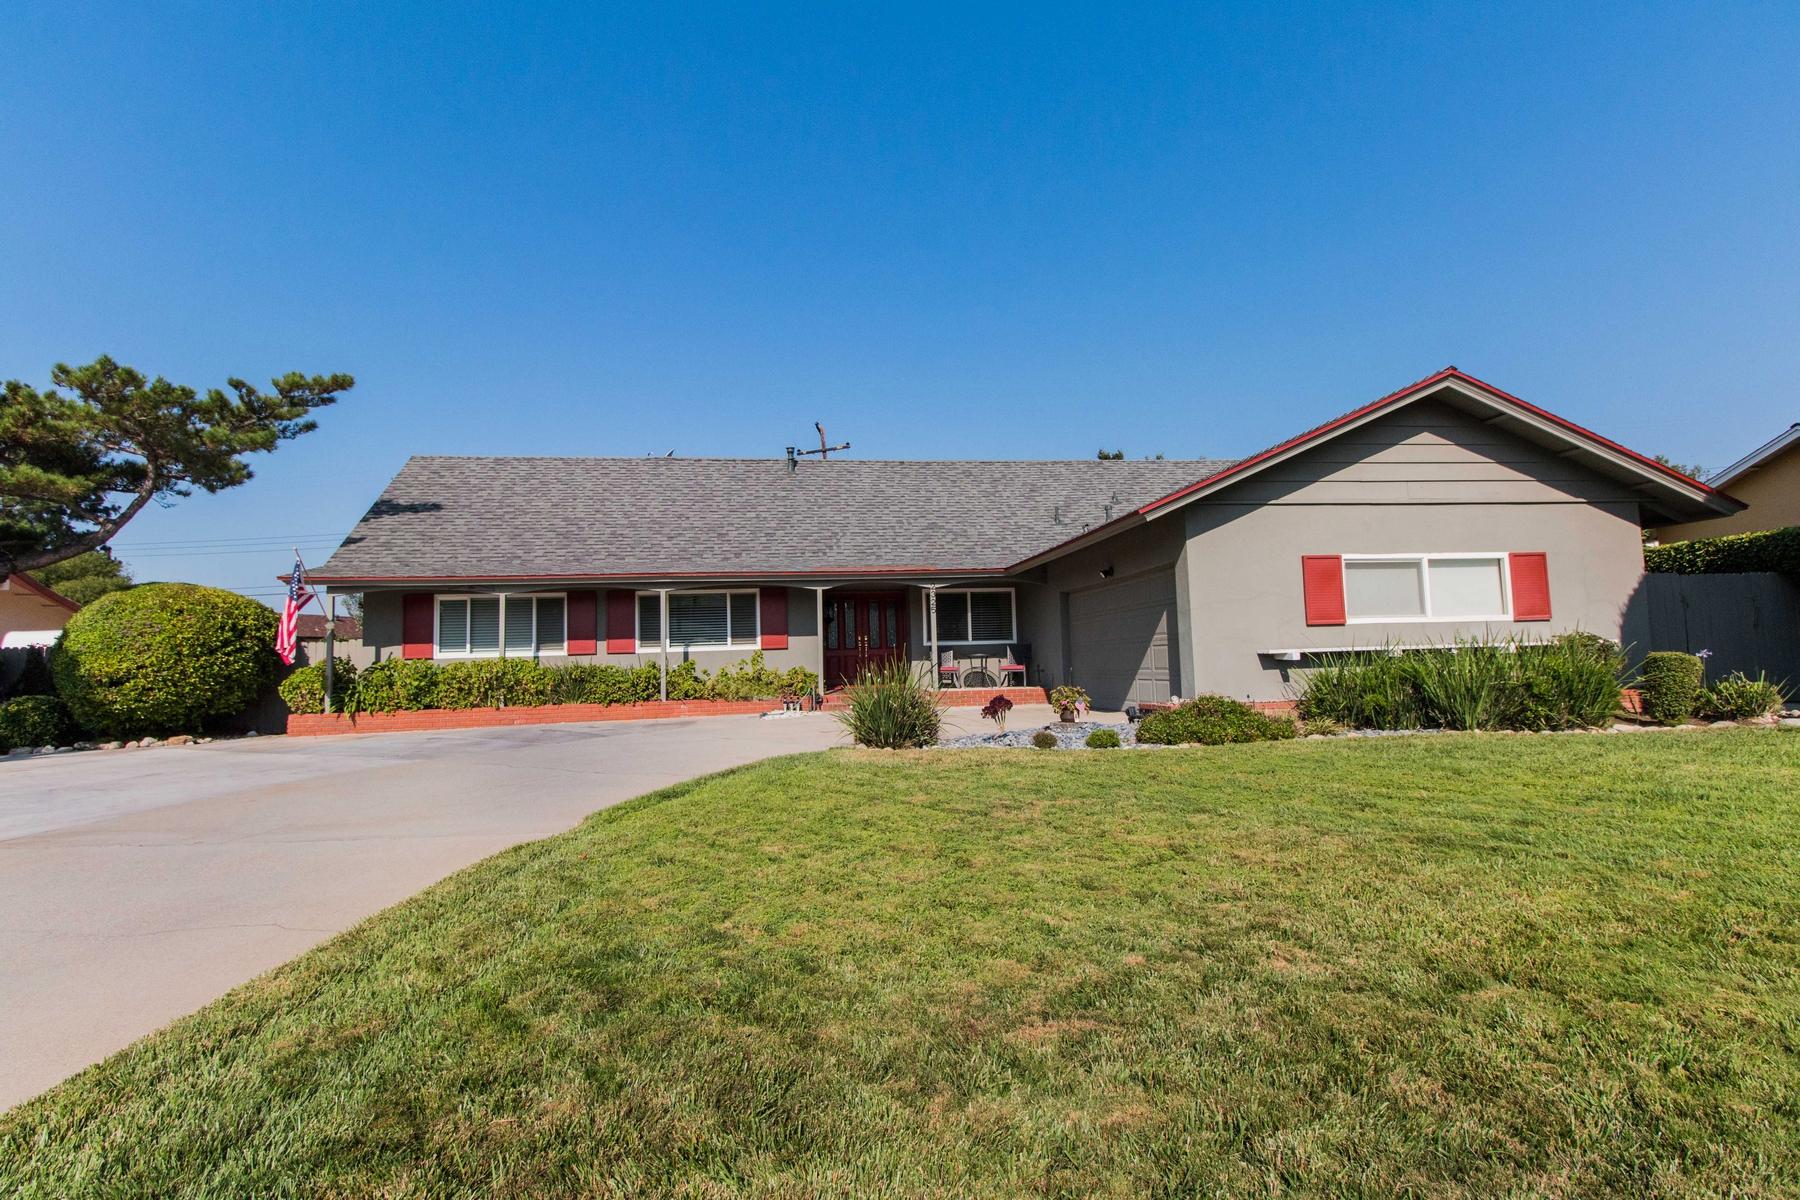 Maison unifamiliale pour l Vente à 2325 W. Silver Tree Road, Claremont Claremont, Californie 91711 États-Unis